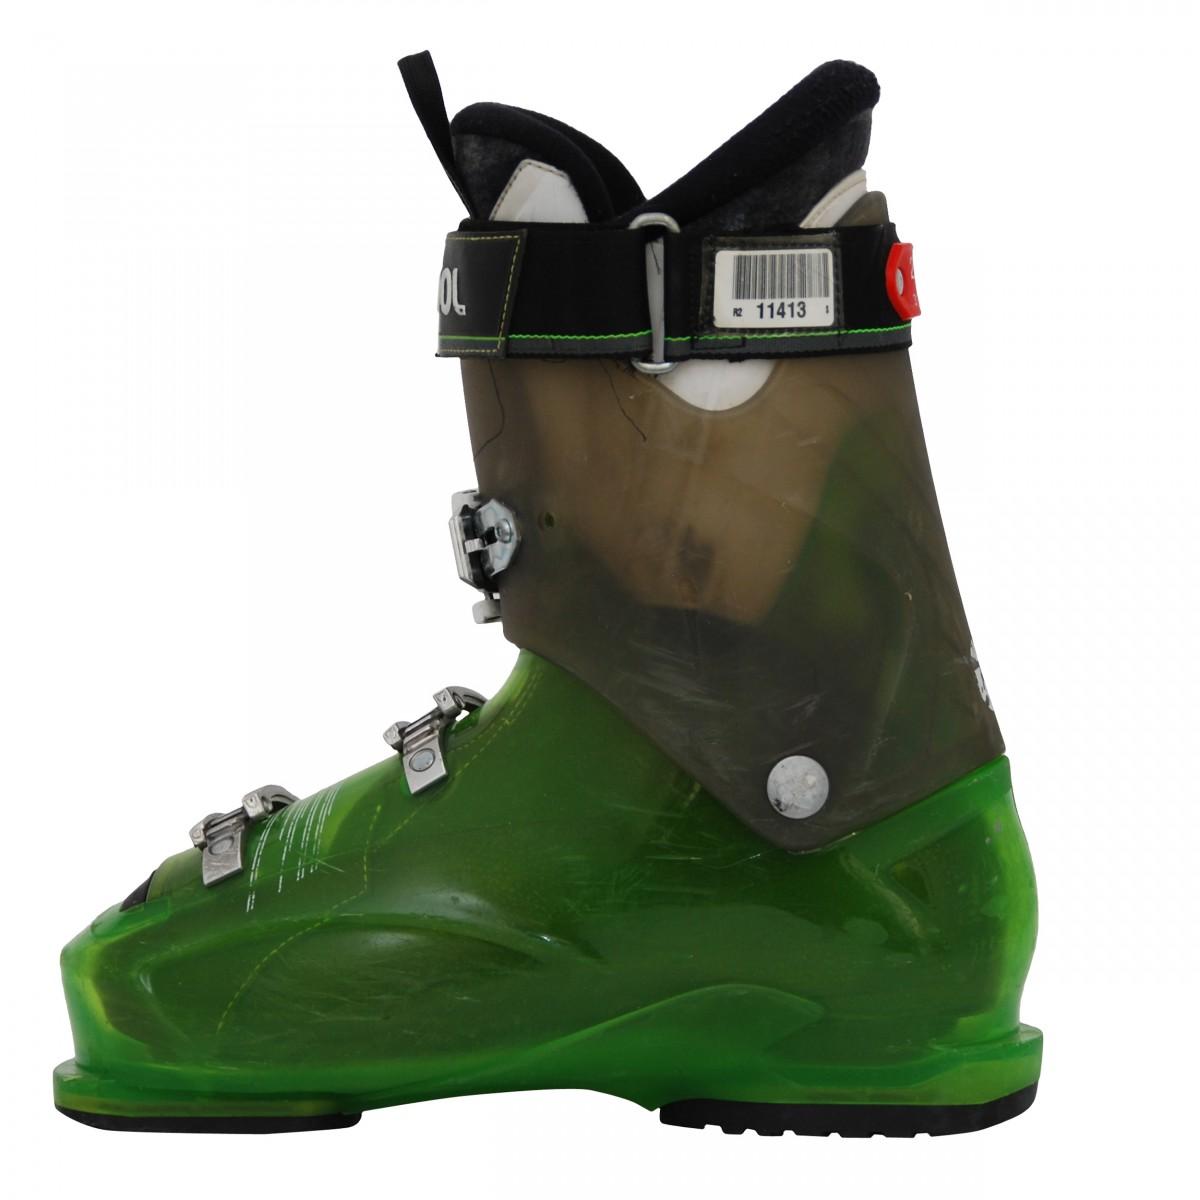 Chaussure de ski ccasion Rossignol Evo R vert